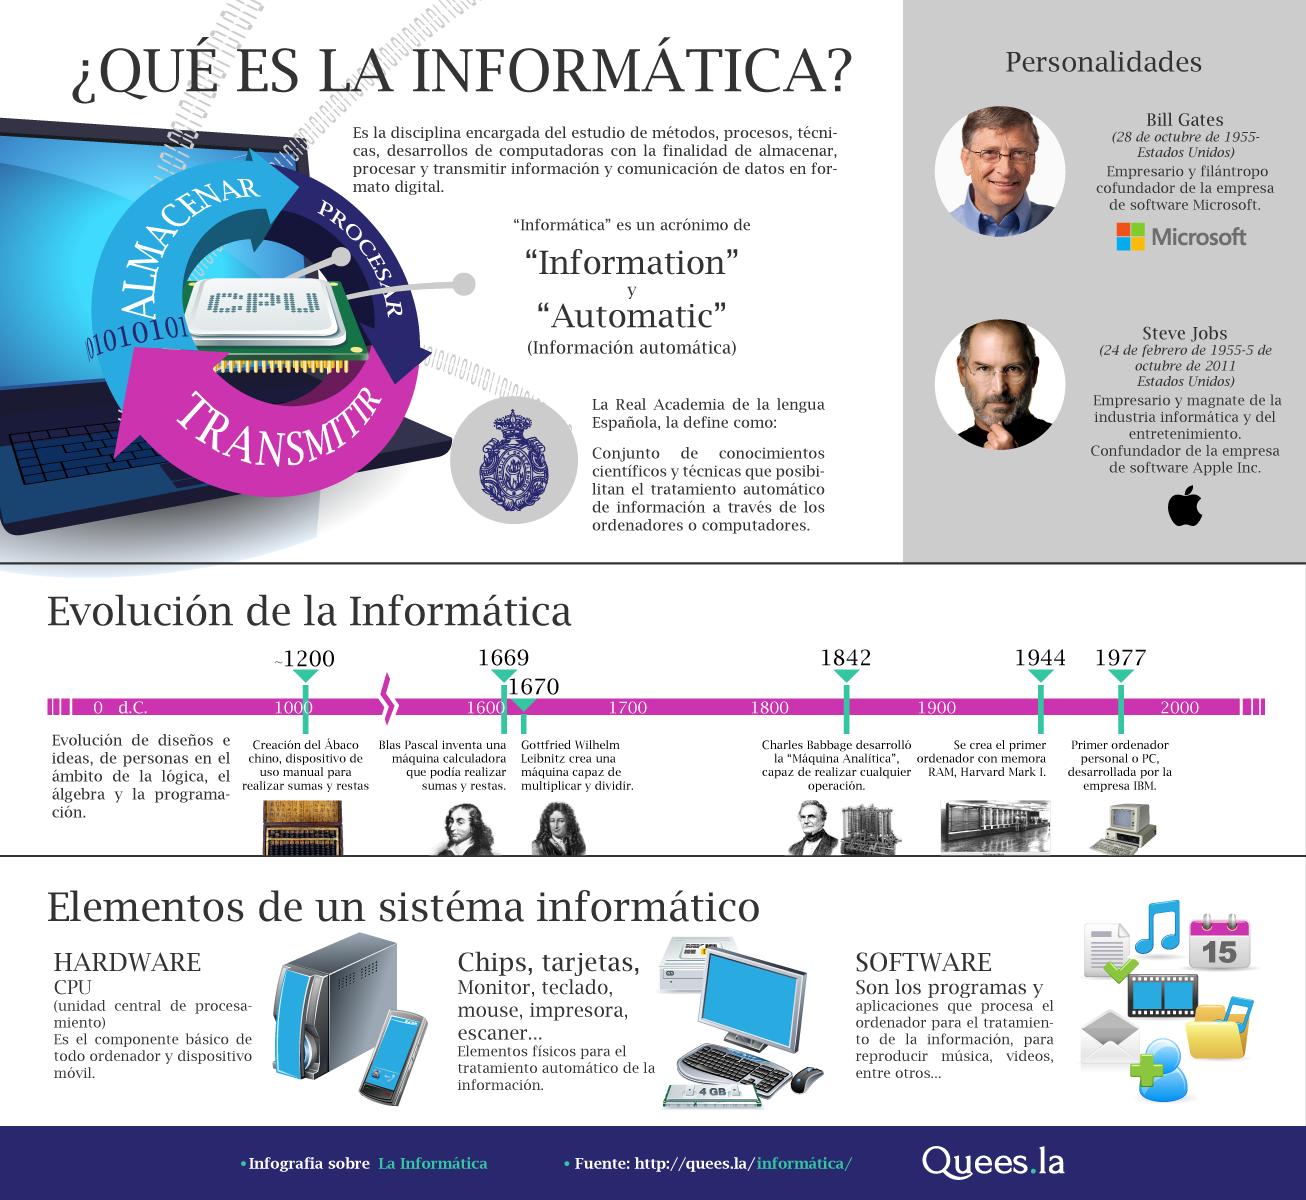 informatica espana: